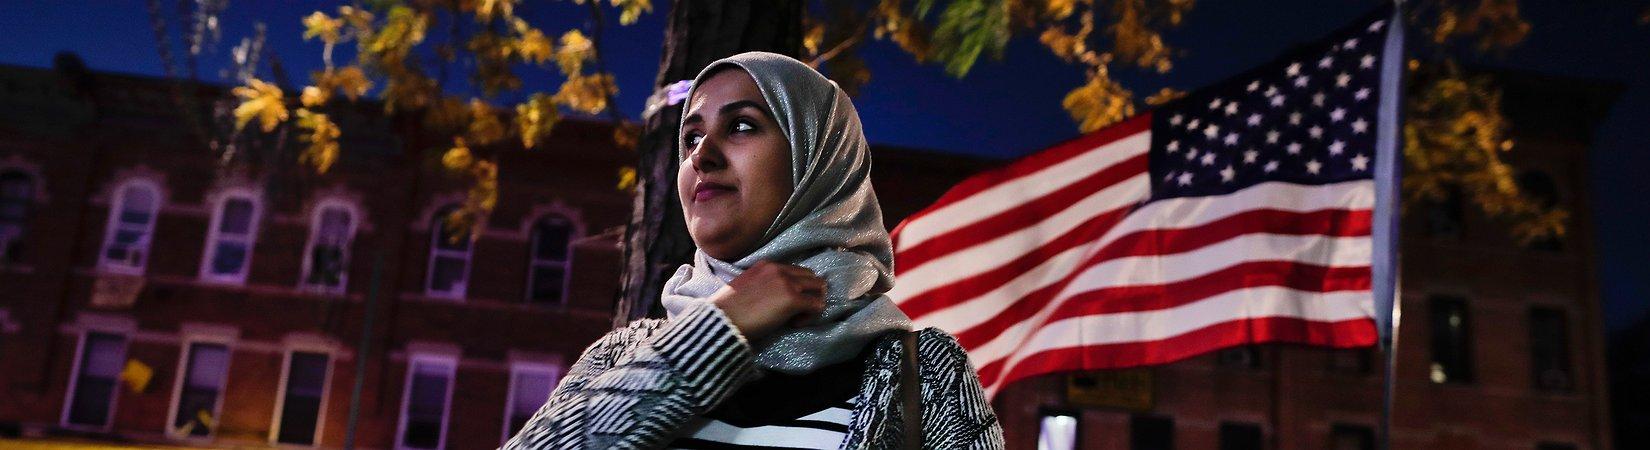 ¿Va a comenzar Trump una represión contra los musulmanes?